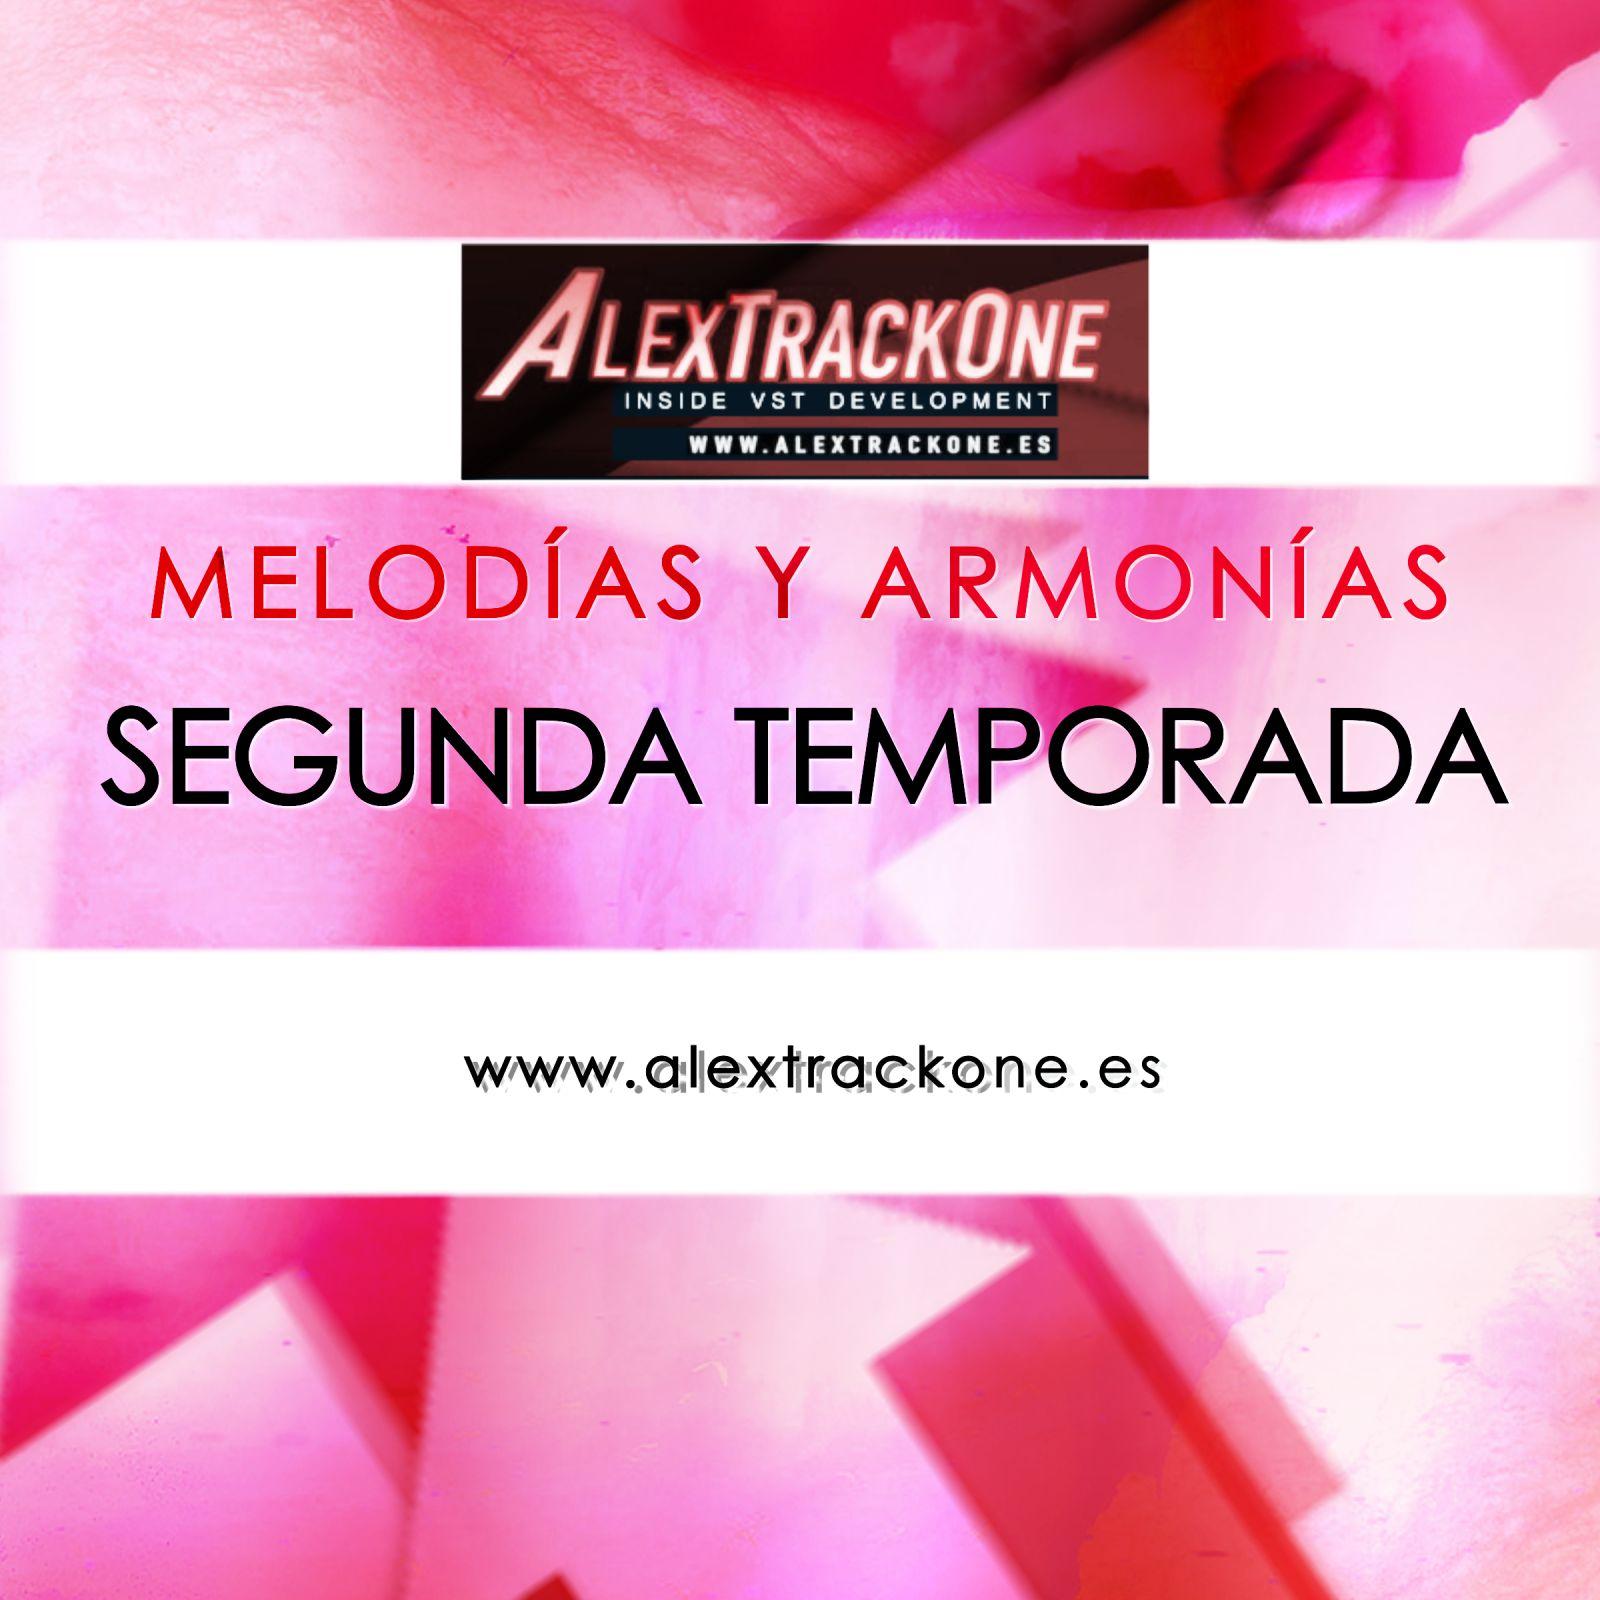 (-5 HORAS Videos MP4-) Melodías y Armonías Segunda Temporada